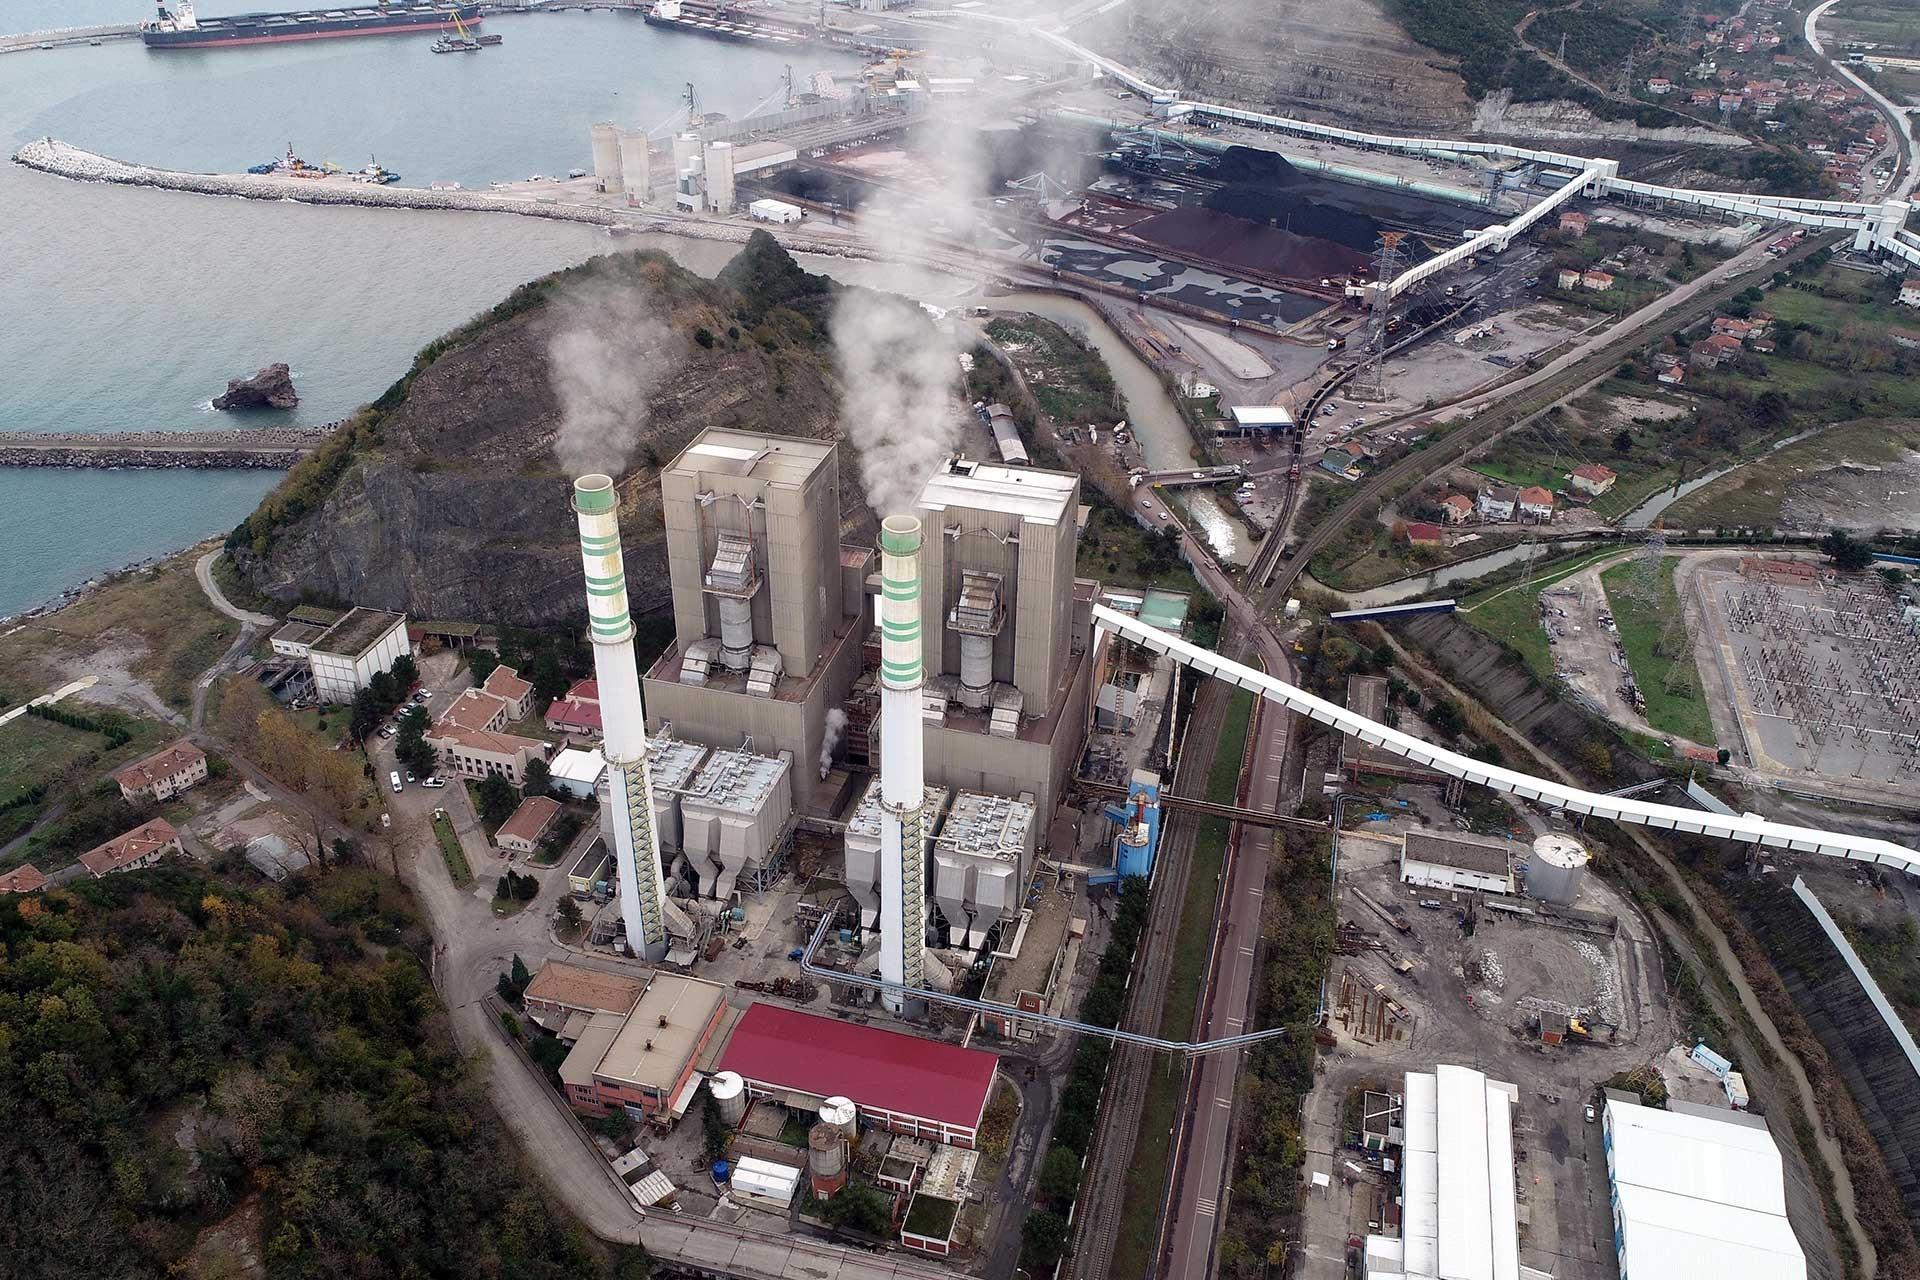 Zonguldak'ta bacasından duman çıkan termik santralin kuş bakışı görünümü.